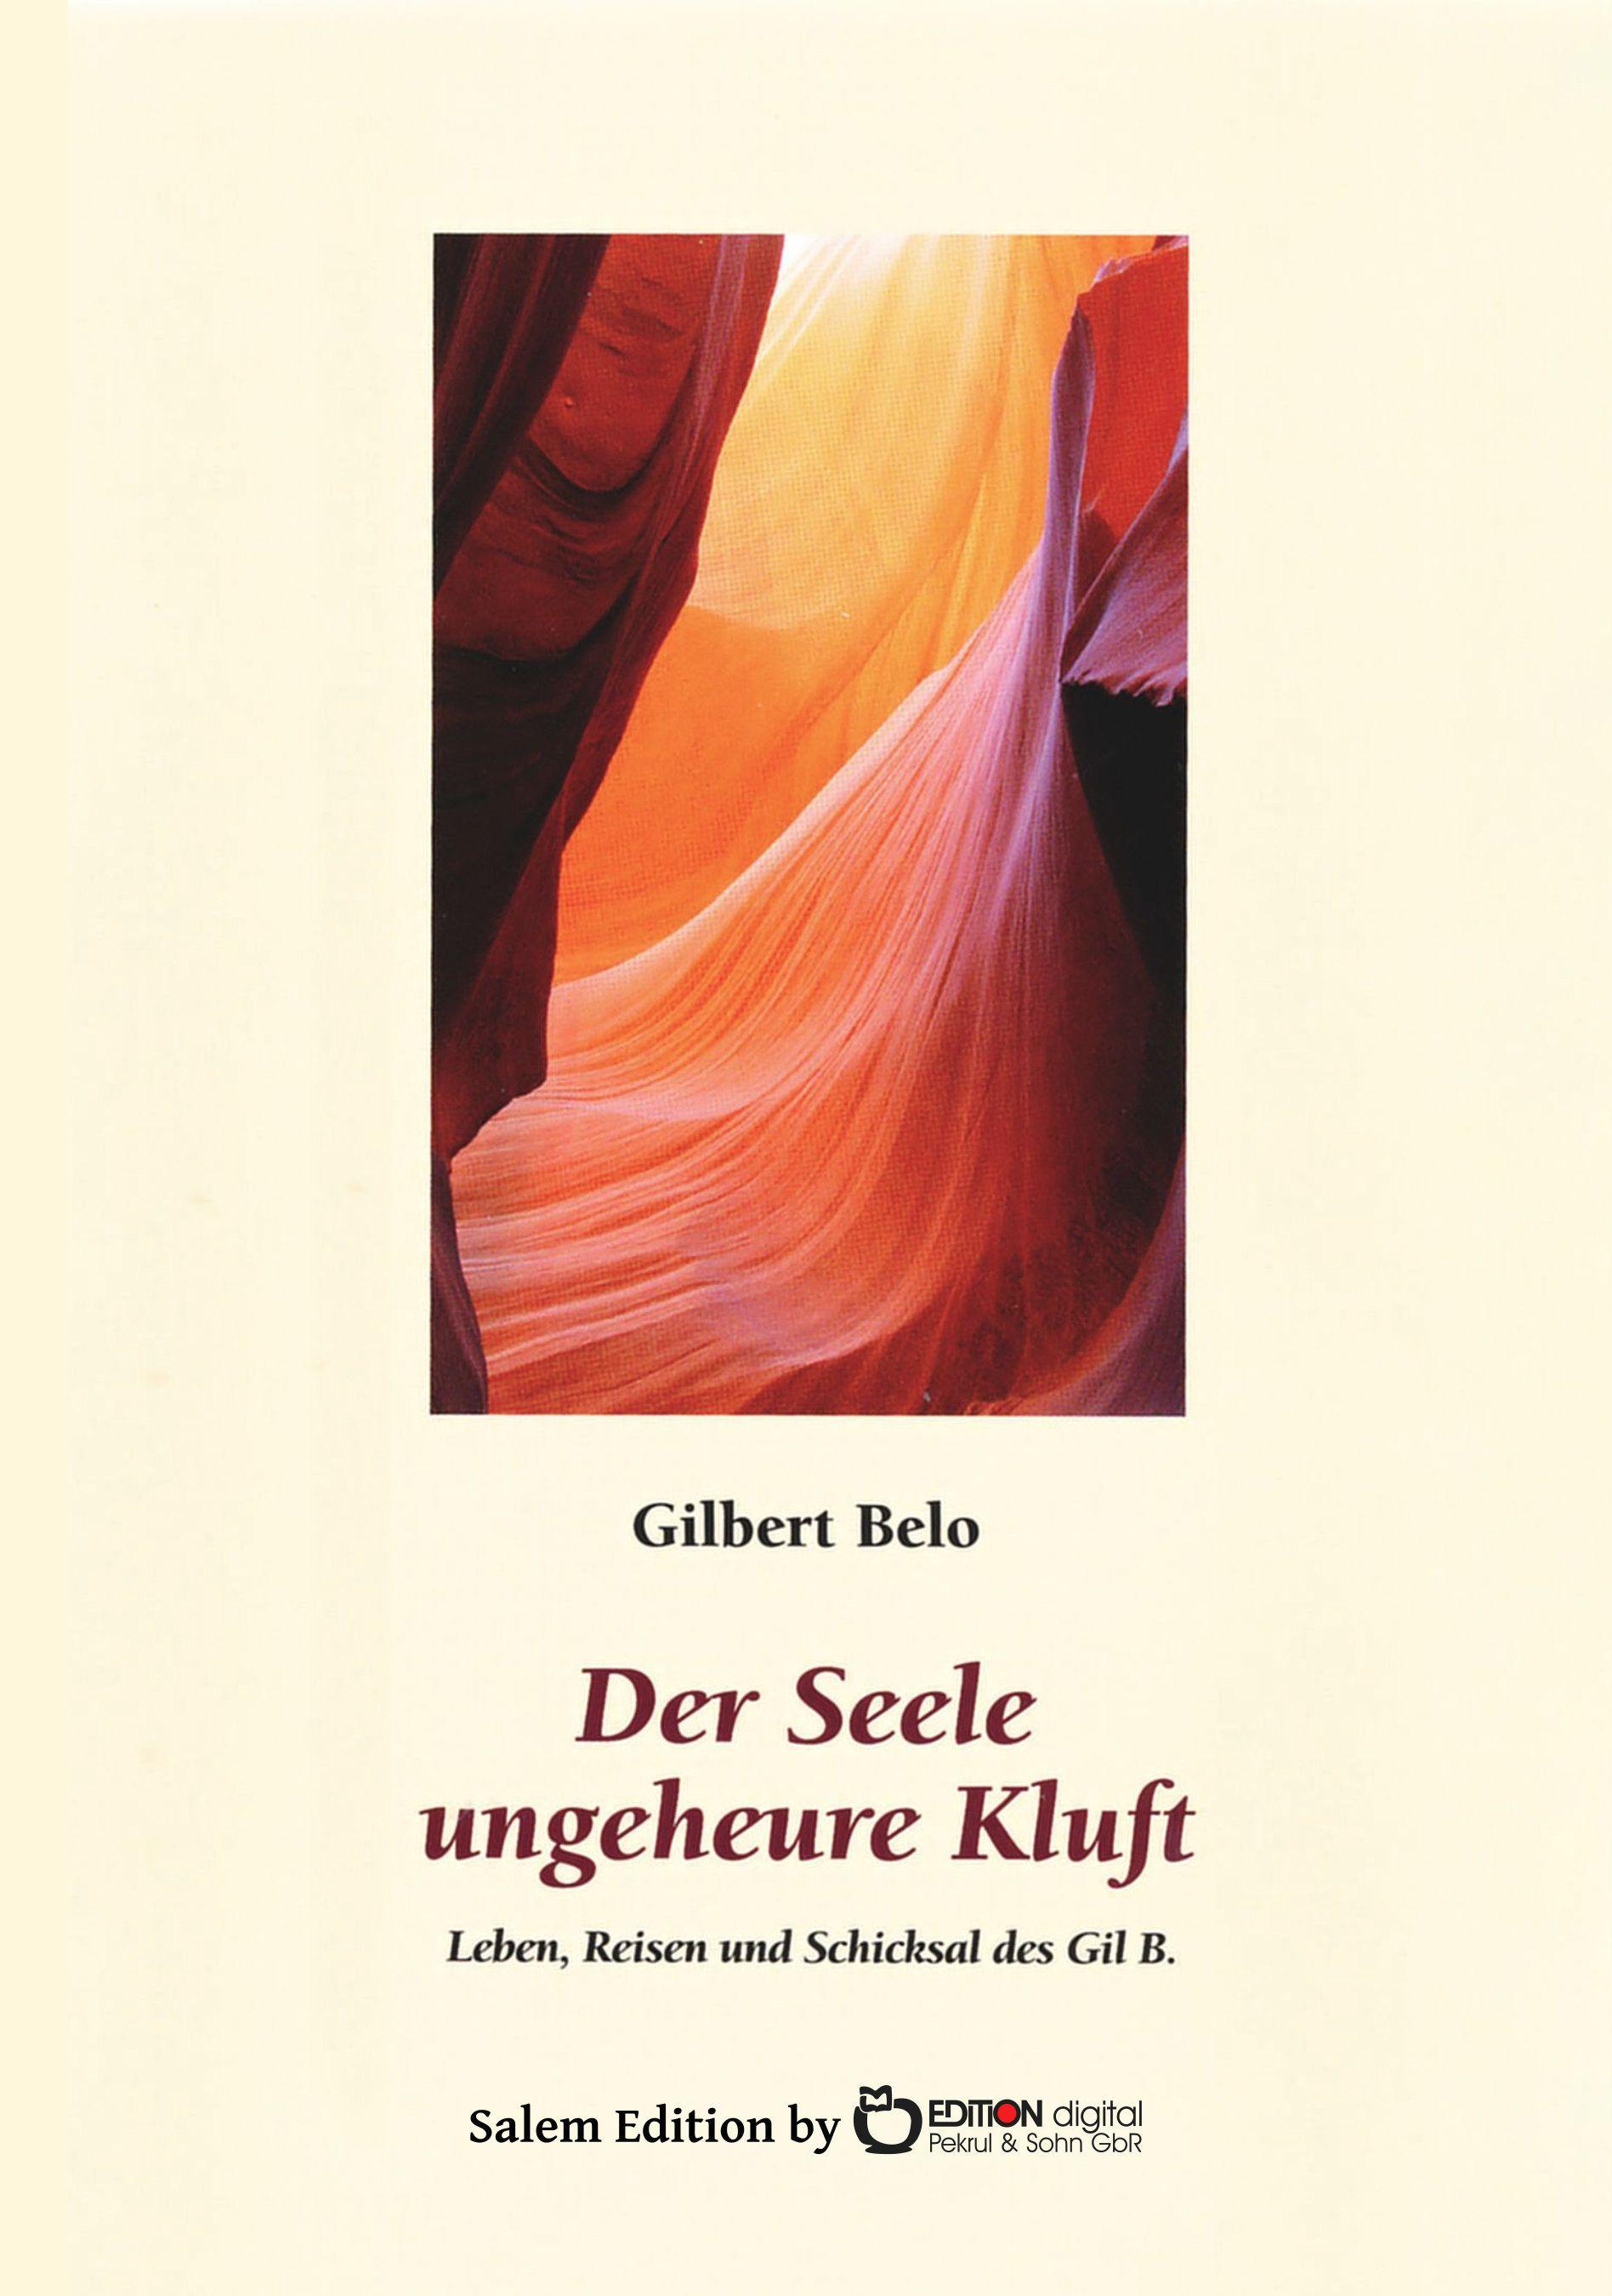 Der Seele ungeheure Kluft. Leben, Reisen und Schicksal des Gil B von Gilbert Belo